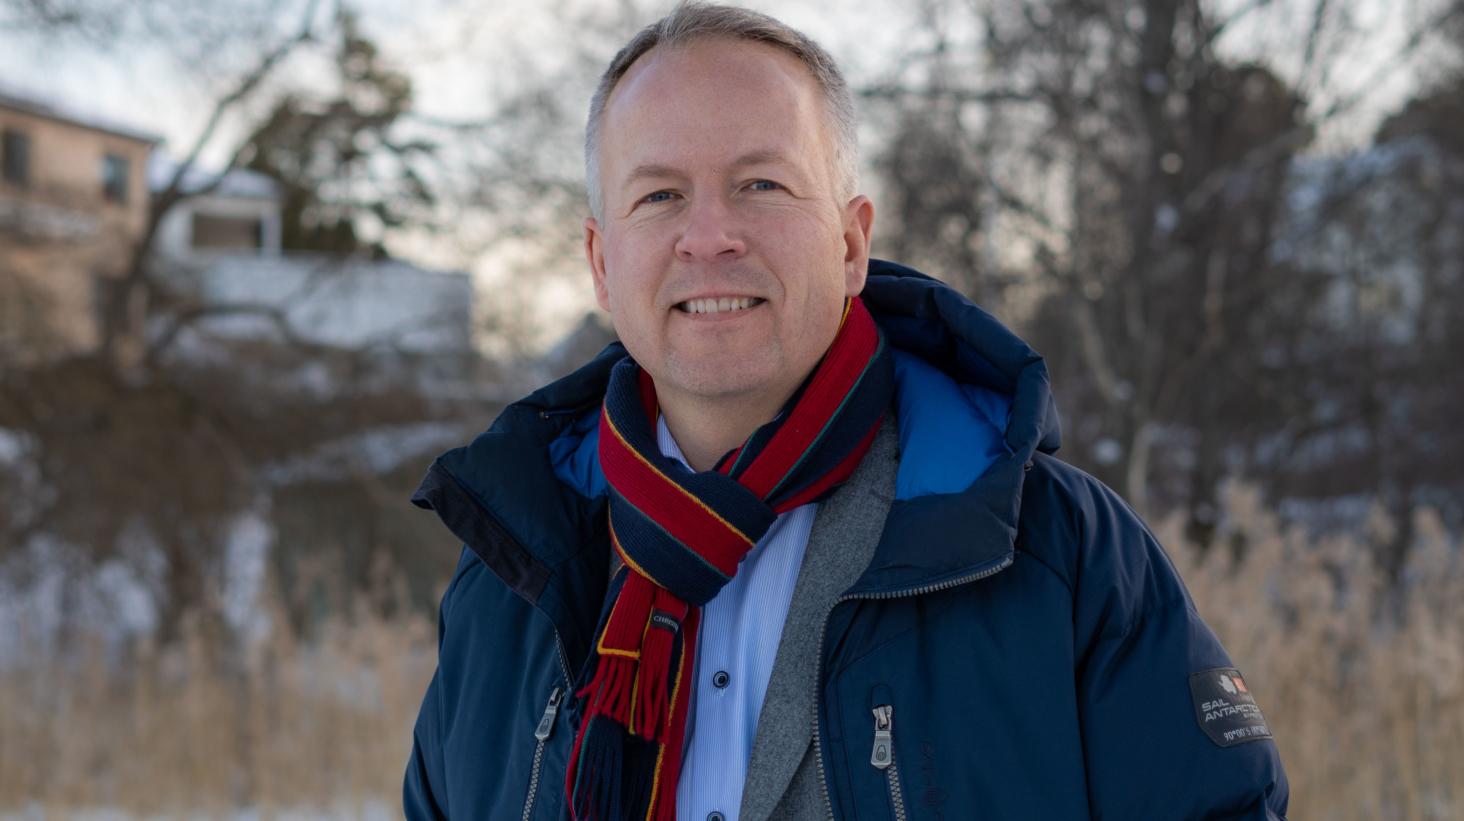 Fredrik Uhrbom ny försäljnings- och marknadsdirektör på Coop Sverige AB